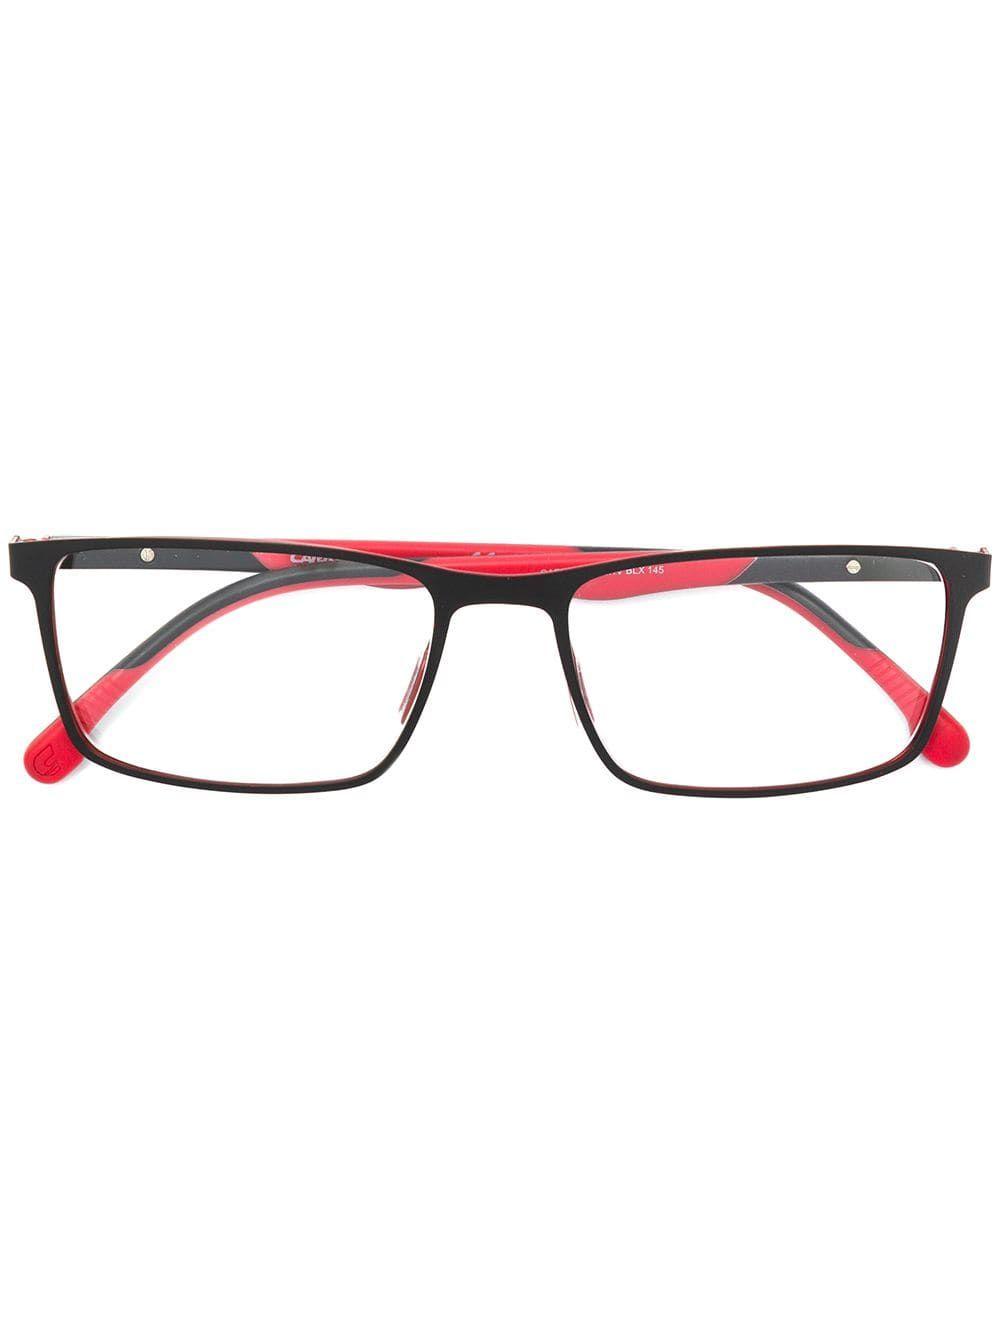 412542f16a CARRERA CARRERA RECTANGULAR FRAME GLASSES - RED.  carrera